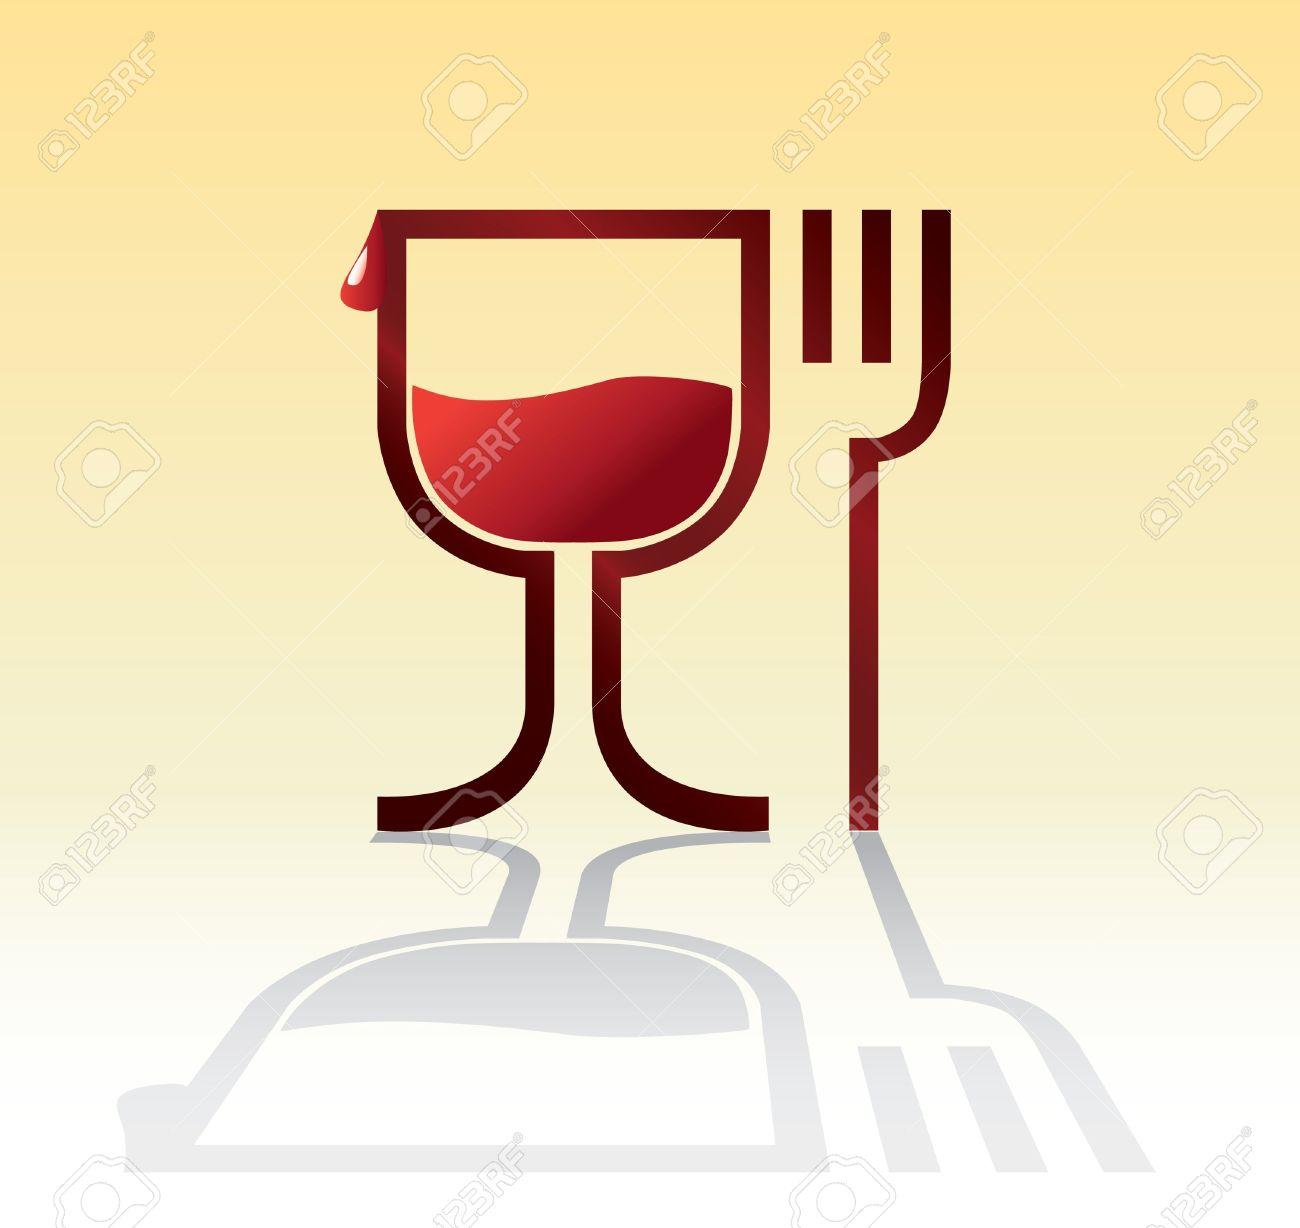 Wein und essen clipart image stock Essen Und Trinken Symbol Mit Wein - Illustration Lizenzfrei ... image stock